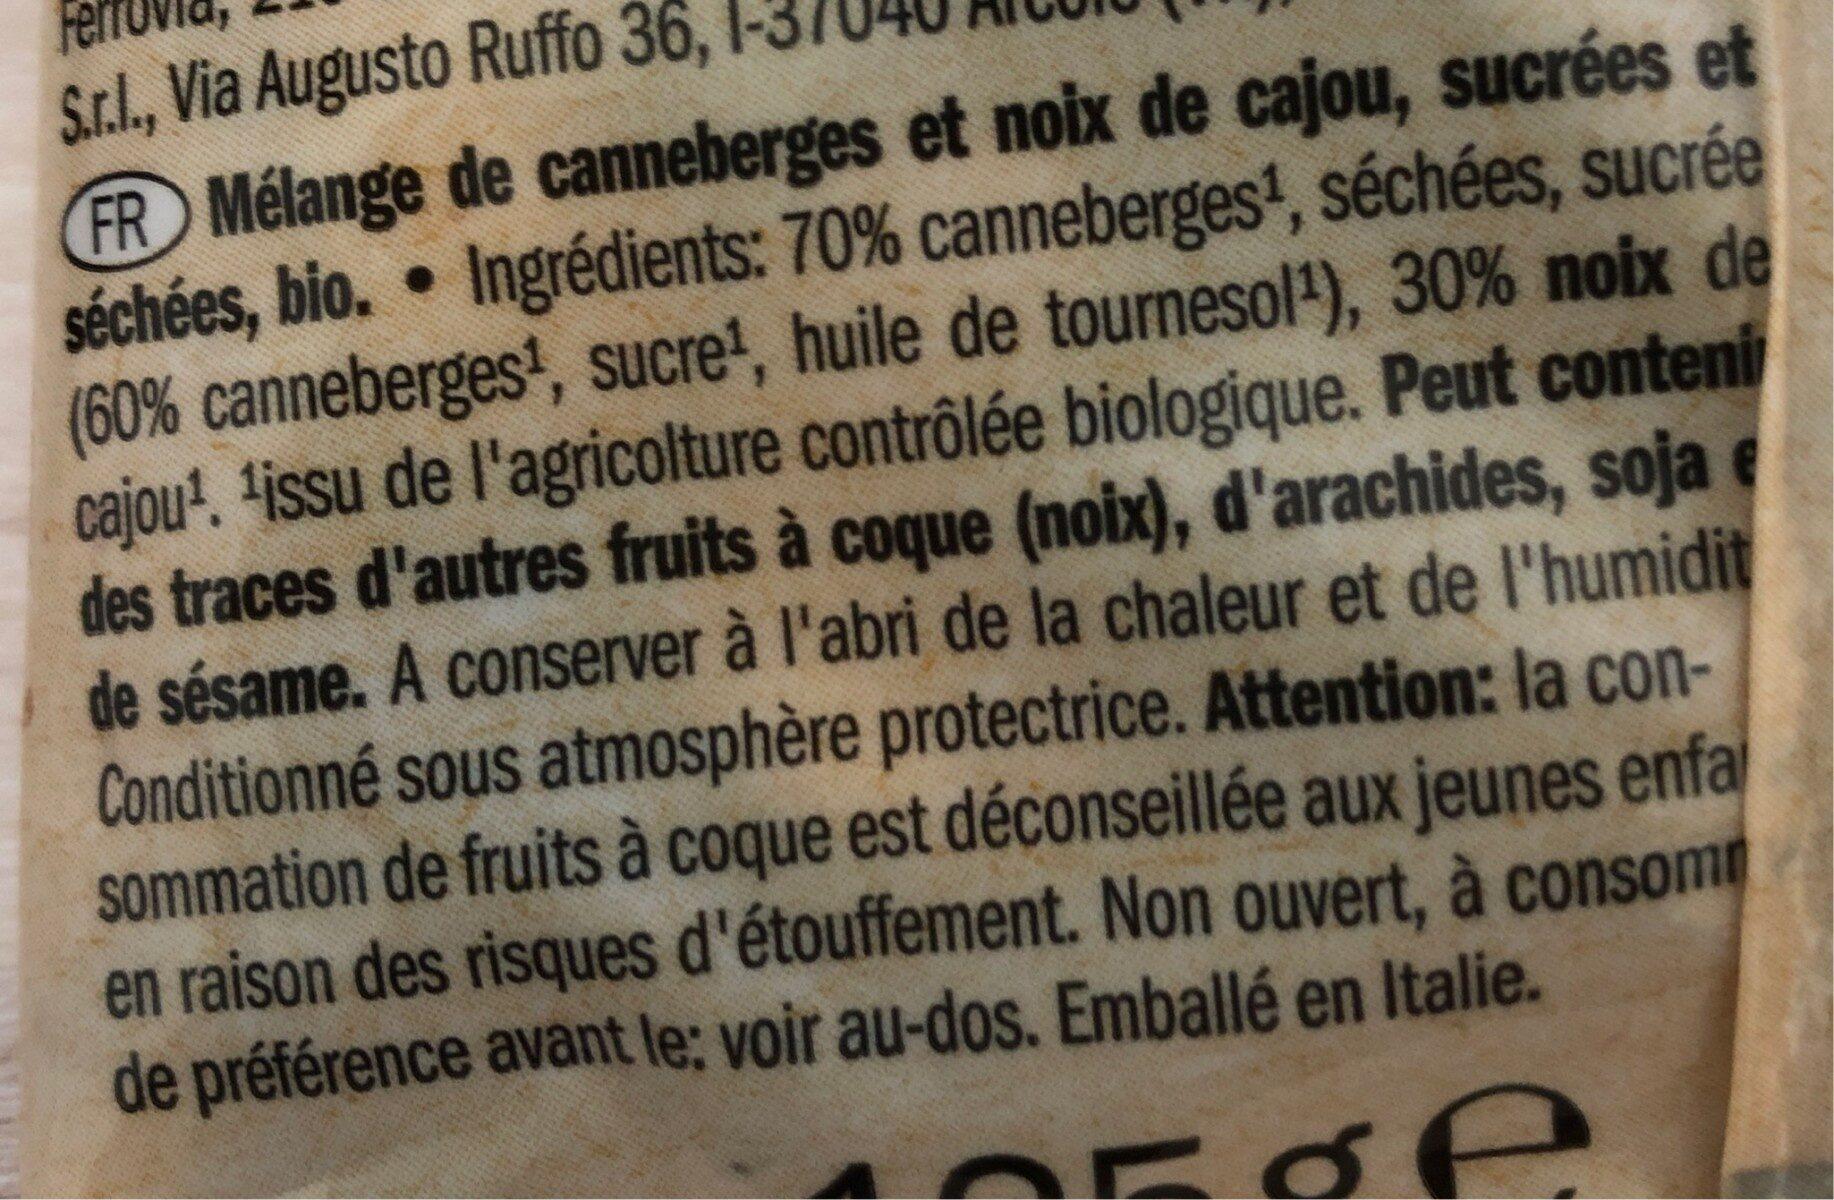 Bio Cramberries séchées et sucrées - Ingredienti - fr